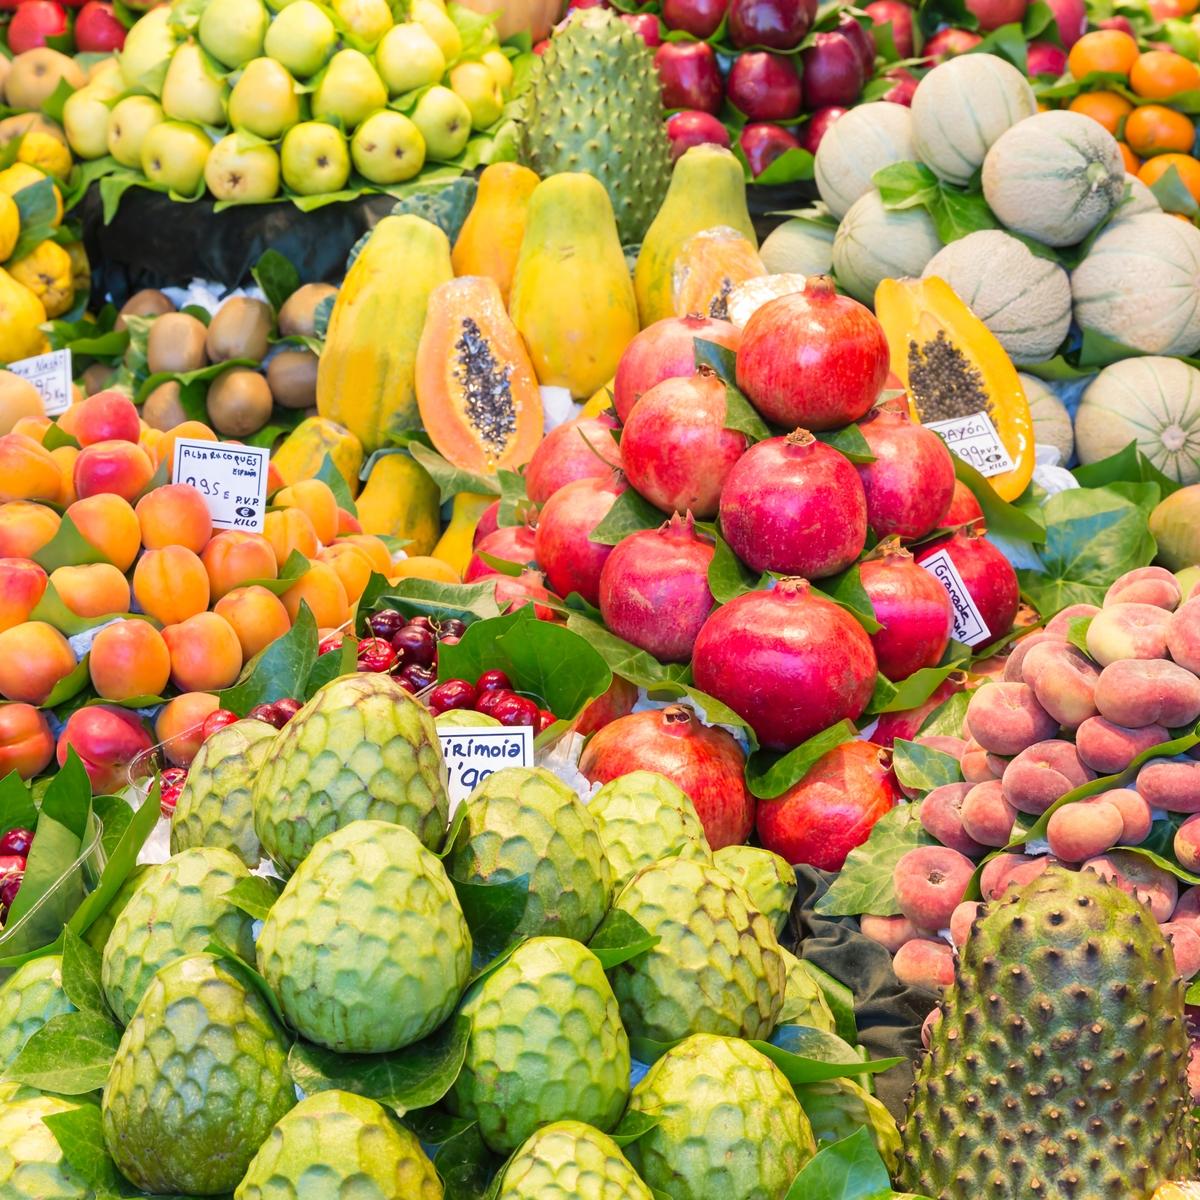 Tipps, um Plastikmüll im Urlaub zu vermeiden: Einkaufen am lokalen Markt